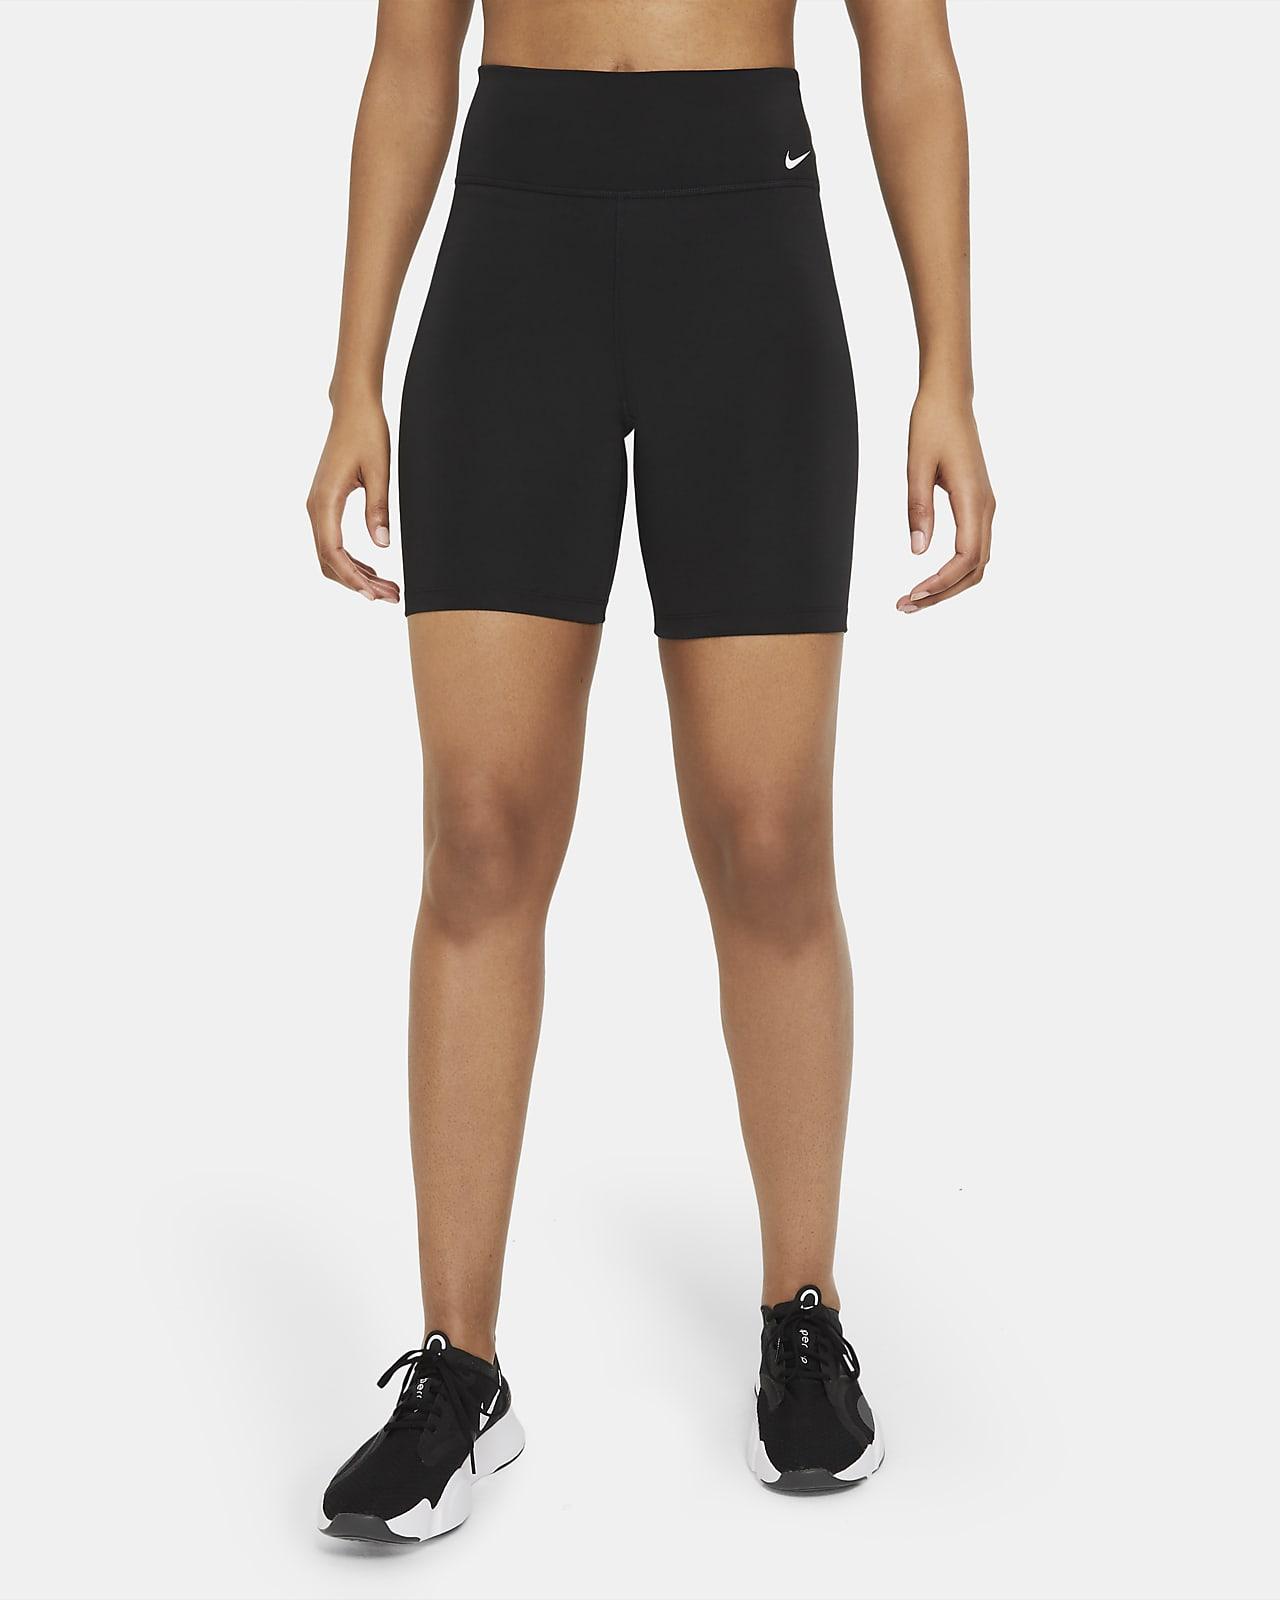 Женские шорты со средней посадкой Nike One 18 см